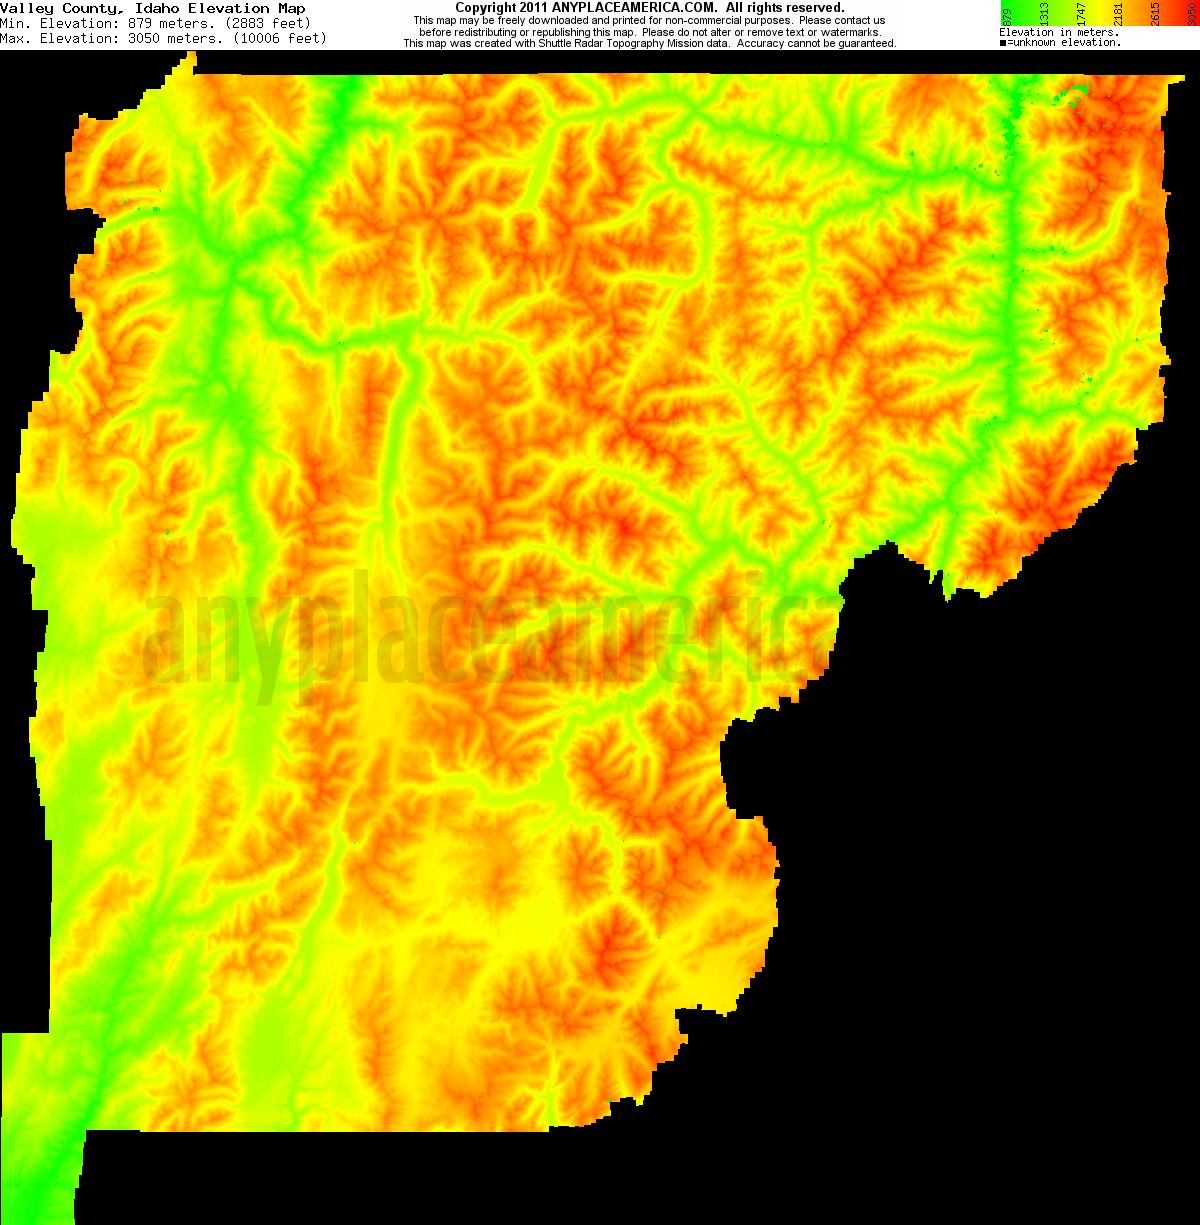 Free Valley County, Idaho Topo Maps & Elevations